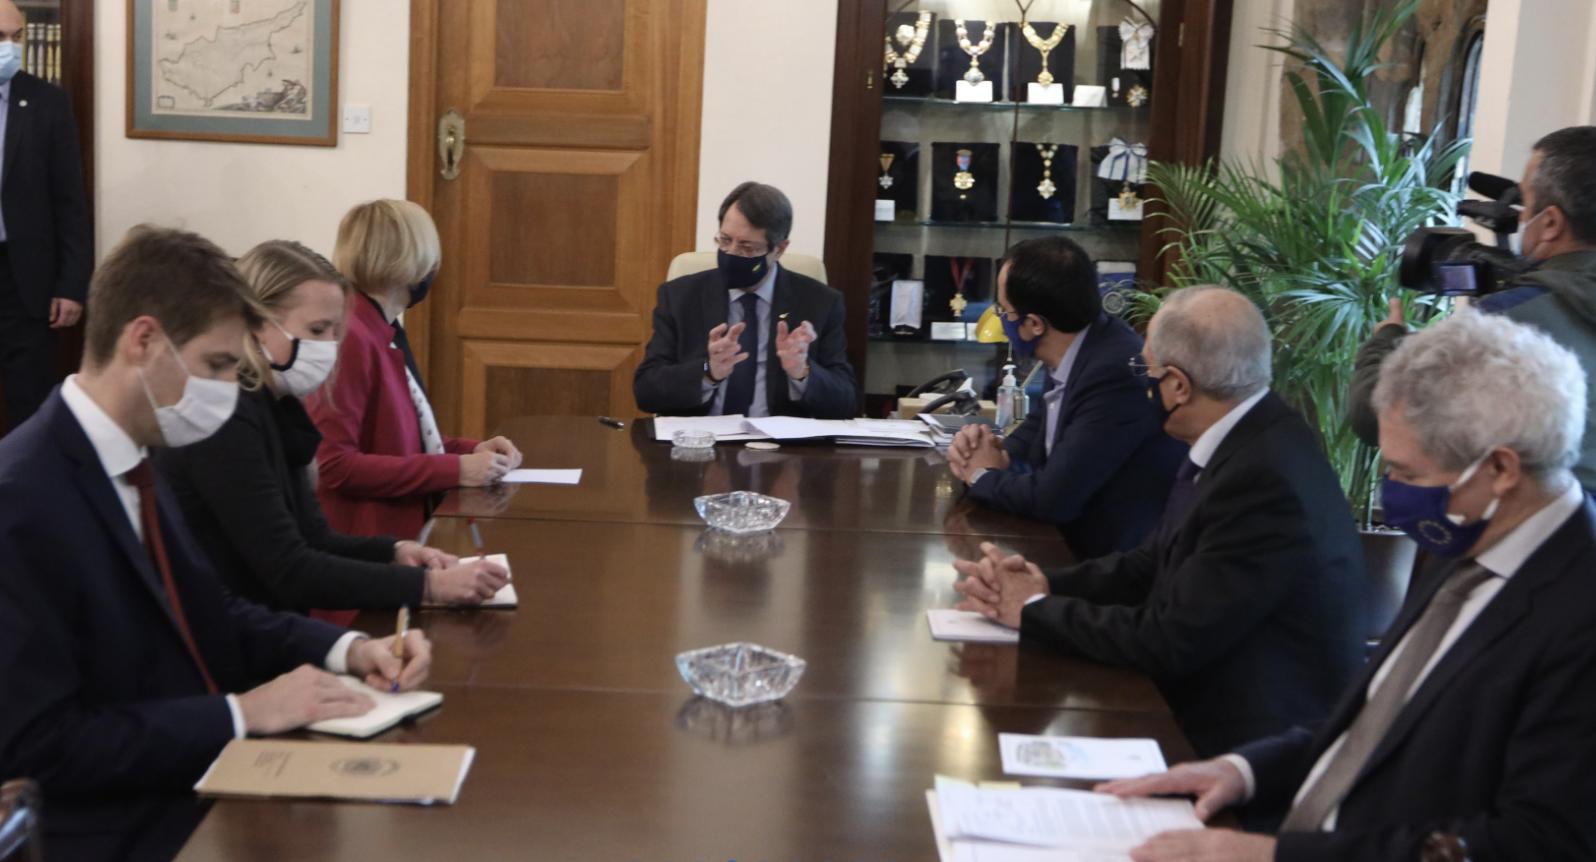 Κύπρος: Συναντήθηκε ο Αναστασιάδης με την Spehar για την ΟΥΝΦΙΚΥΠ